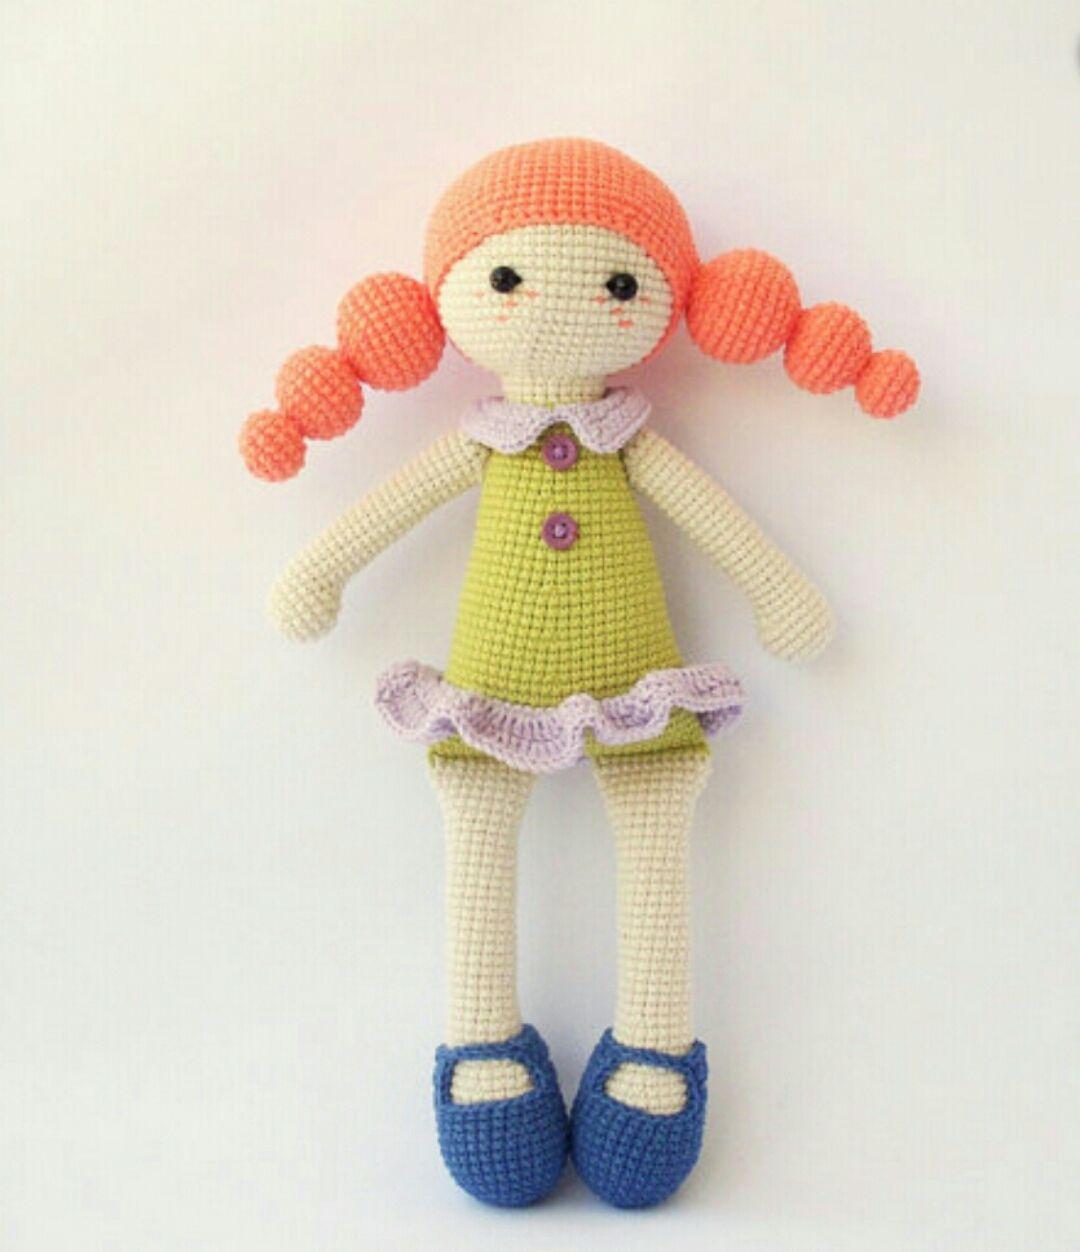 Amigurumi örgü bebek satış sayfasi - Photos | Facebook | 1252x1080